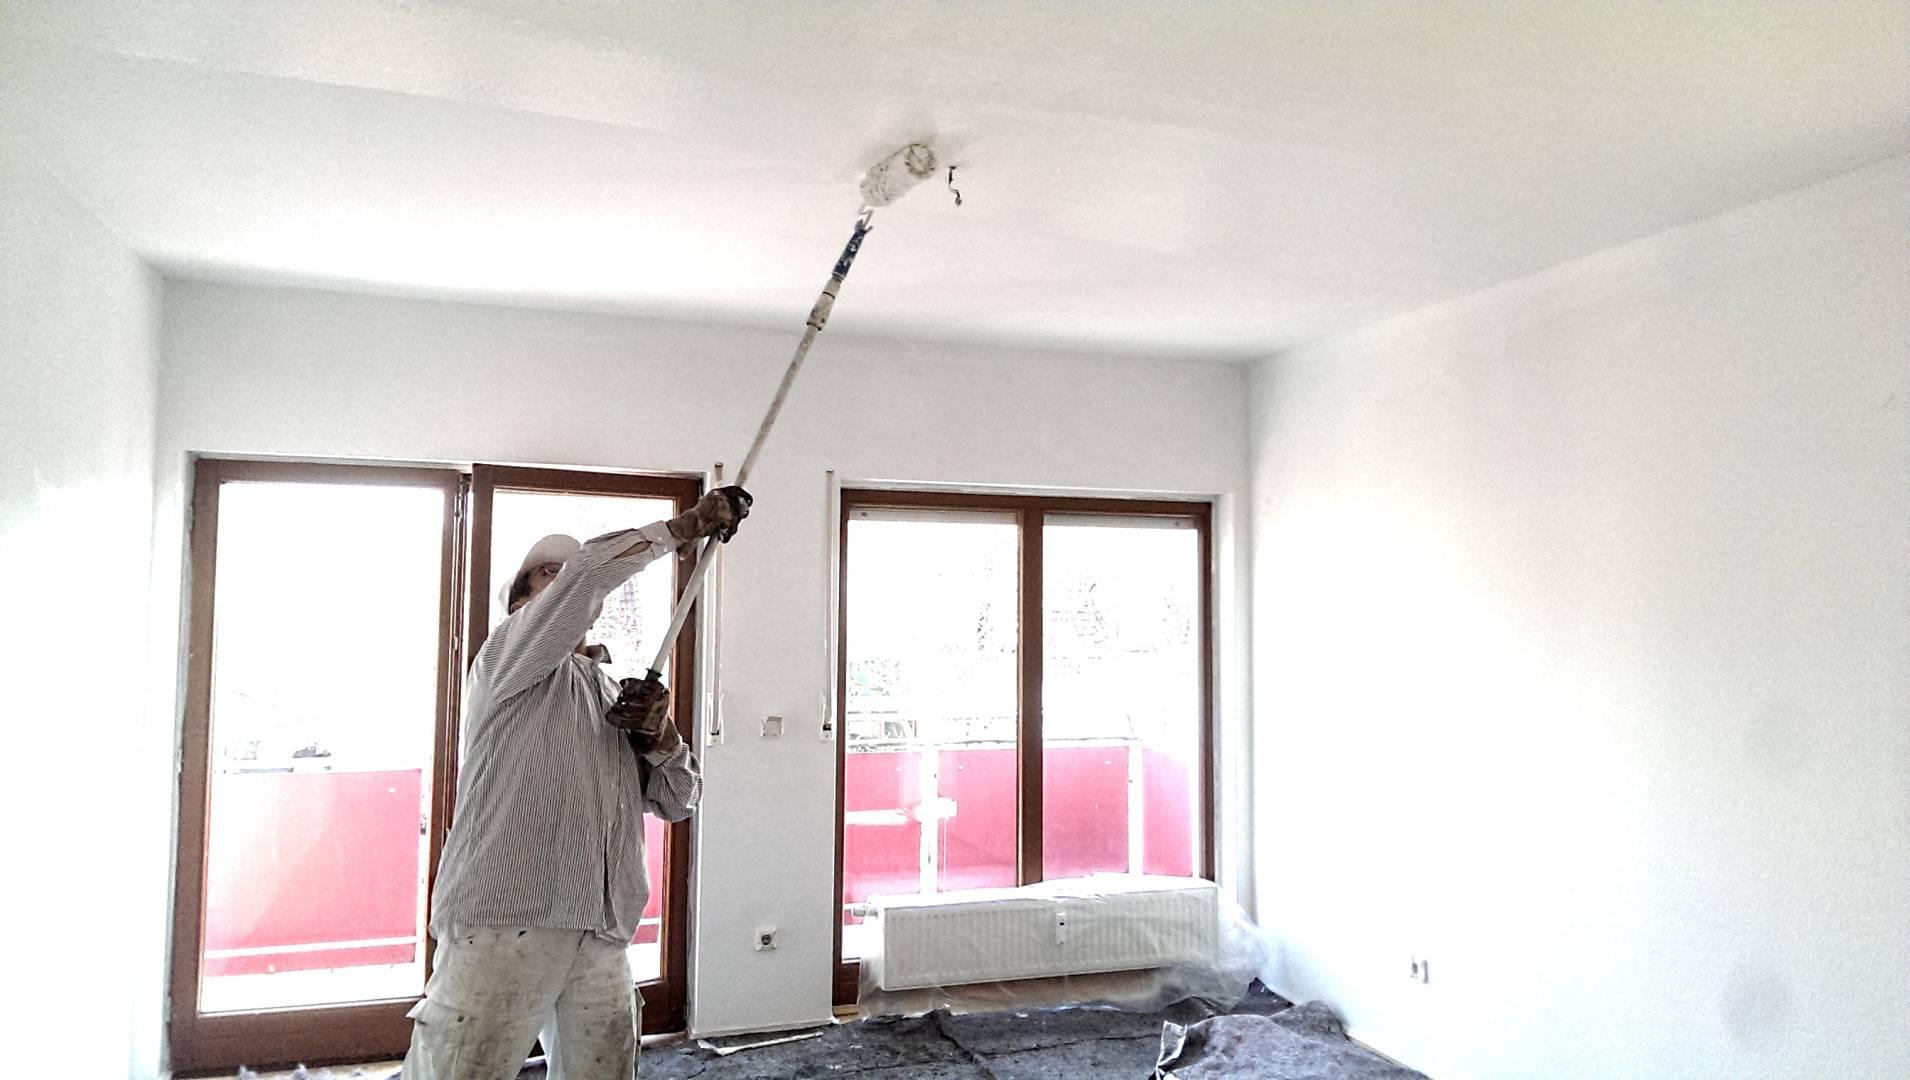 Malerarbeiten Renovierung Bad Homburgnach dem Umzug